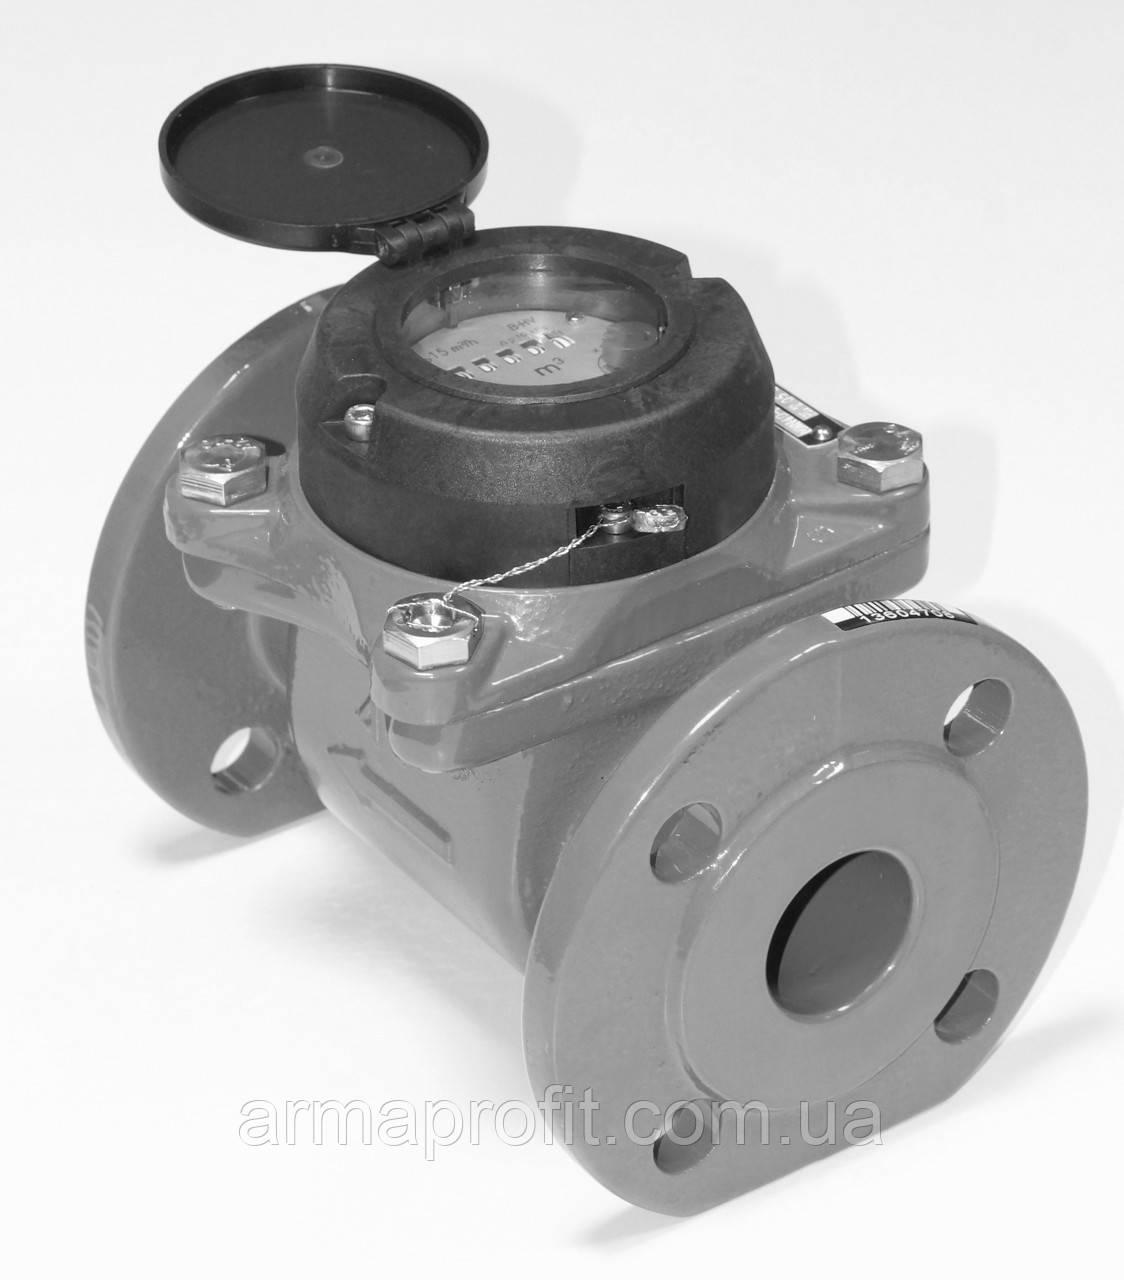 Счетчик горячей воды турбинный фланцевый Ду65 Powogaz MWN-130-65